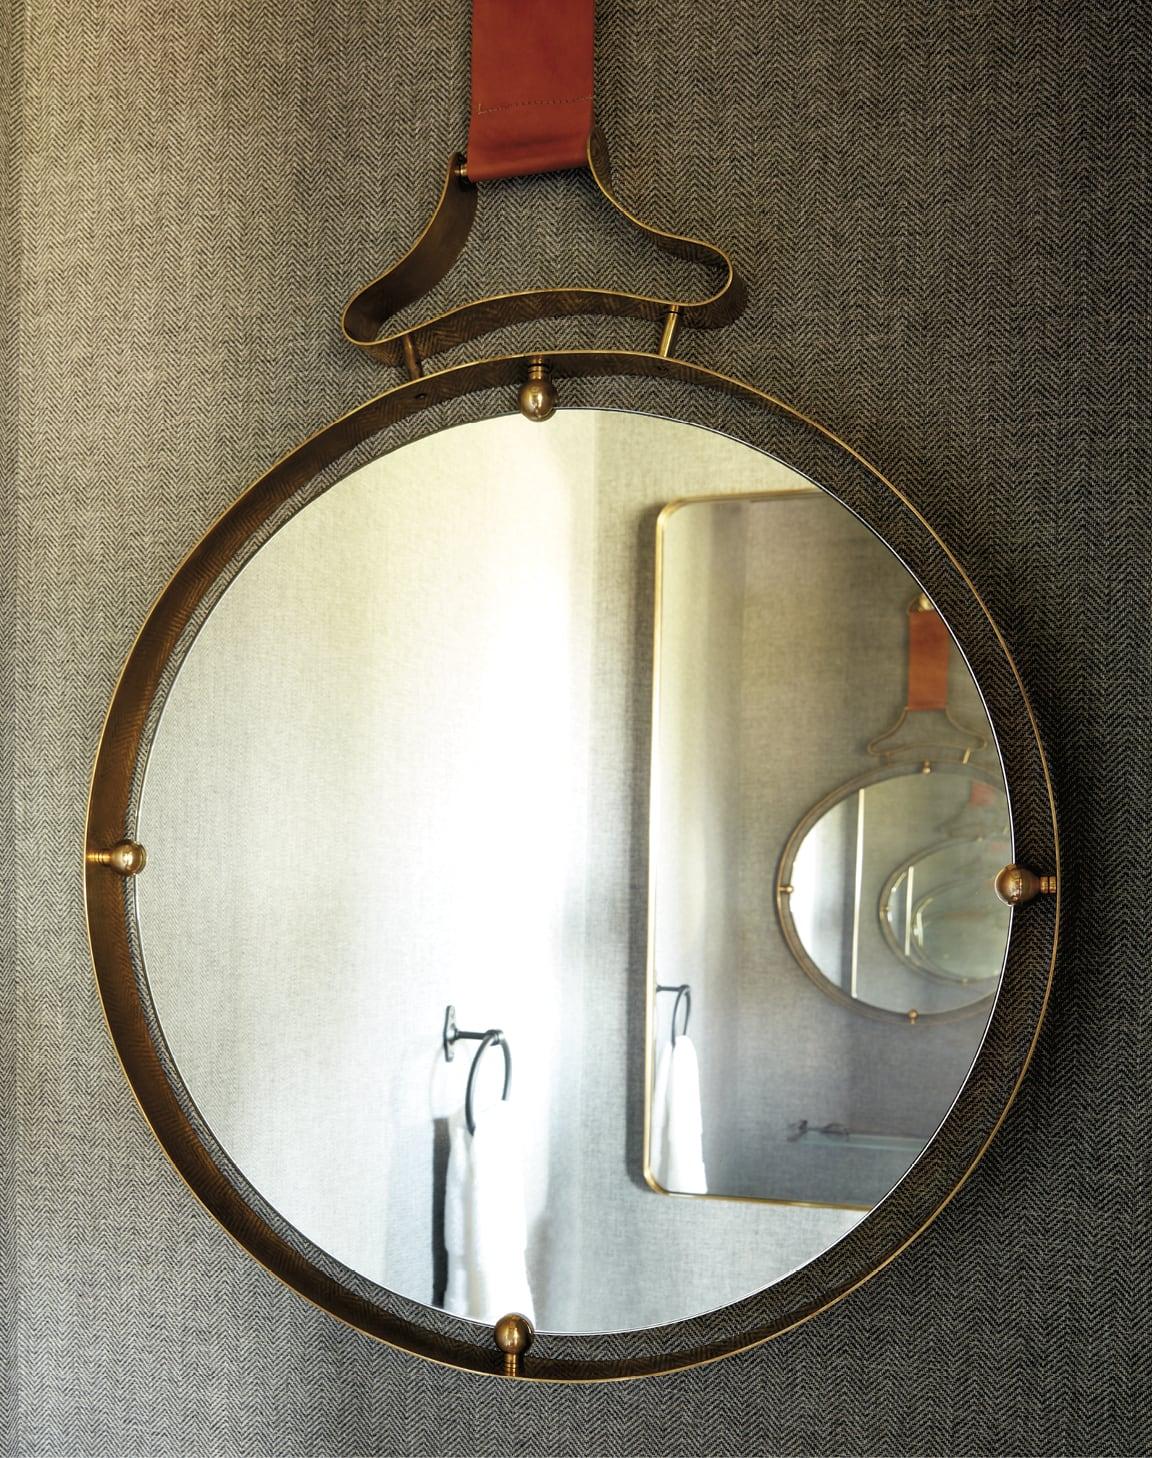 Closeup of a mirror